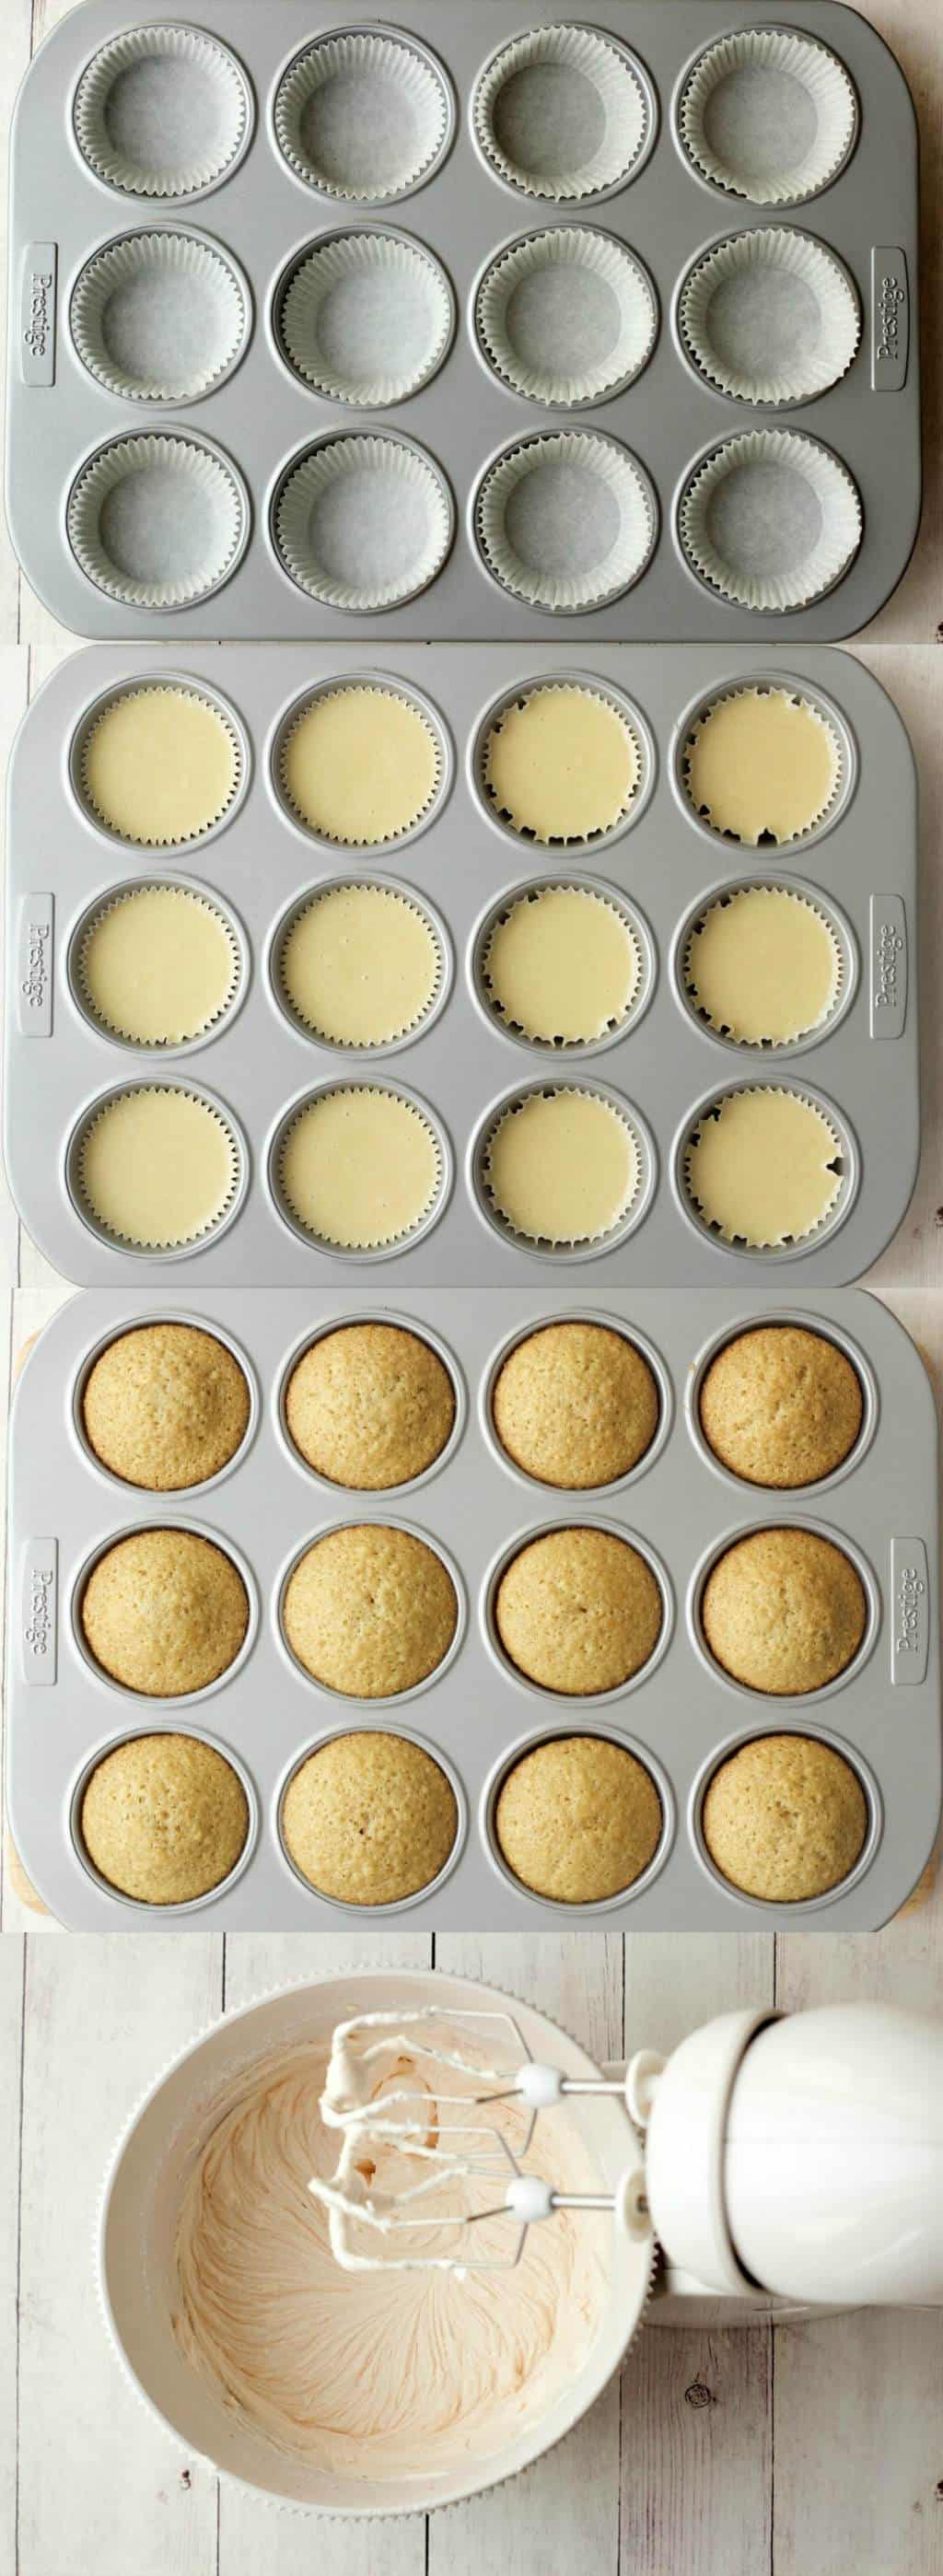 Making Vegan Vanilla Cupcakes with Strawberry Vanilla Frosting #vegan #lovingitvegan